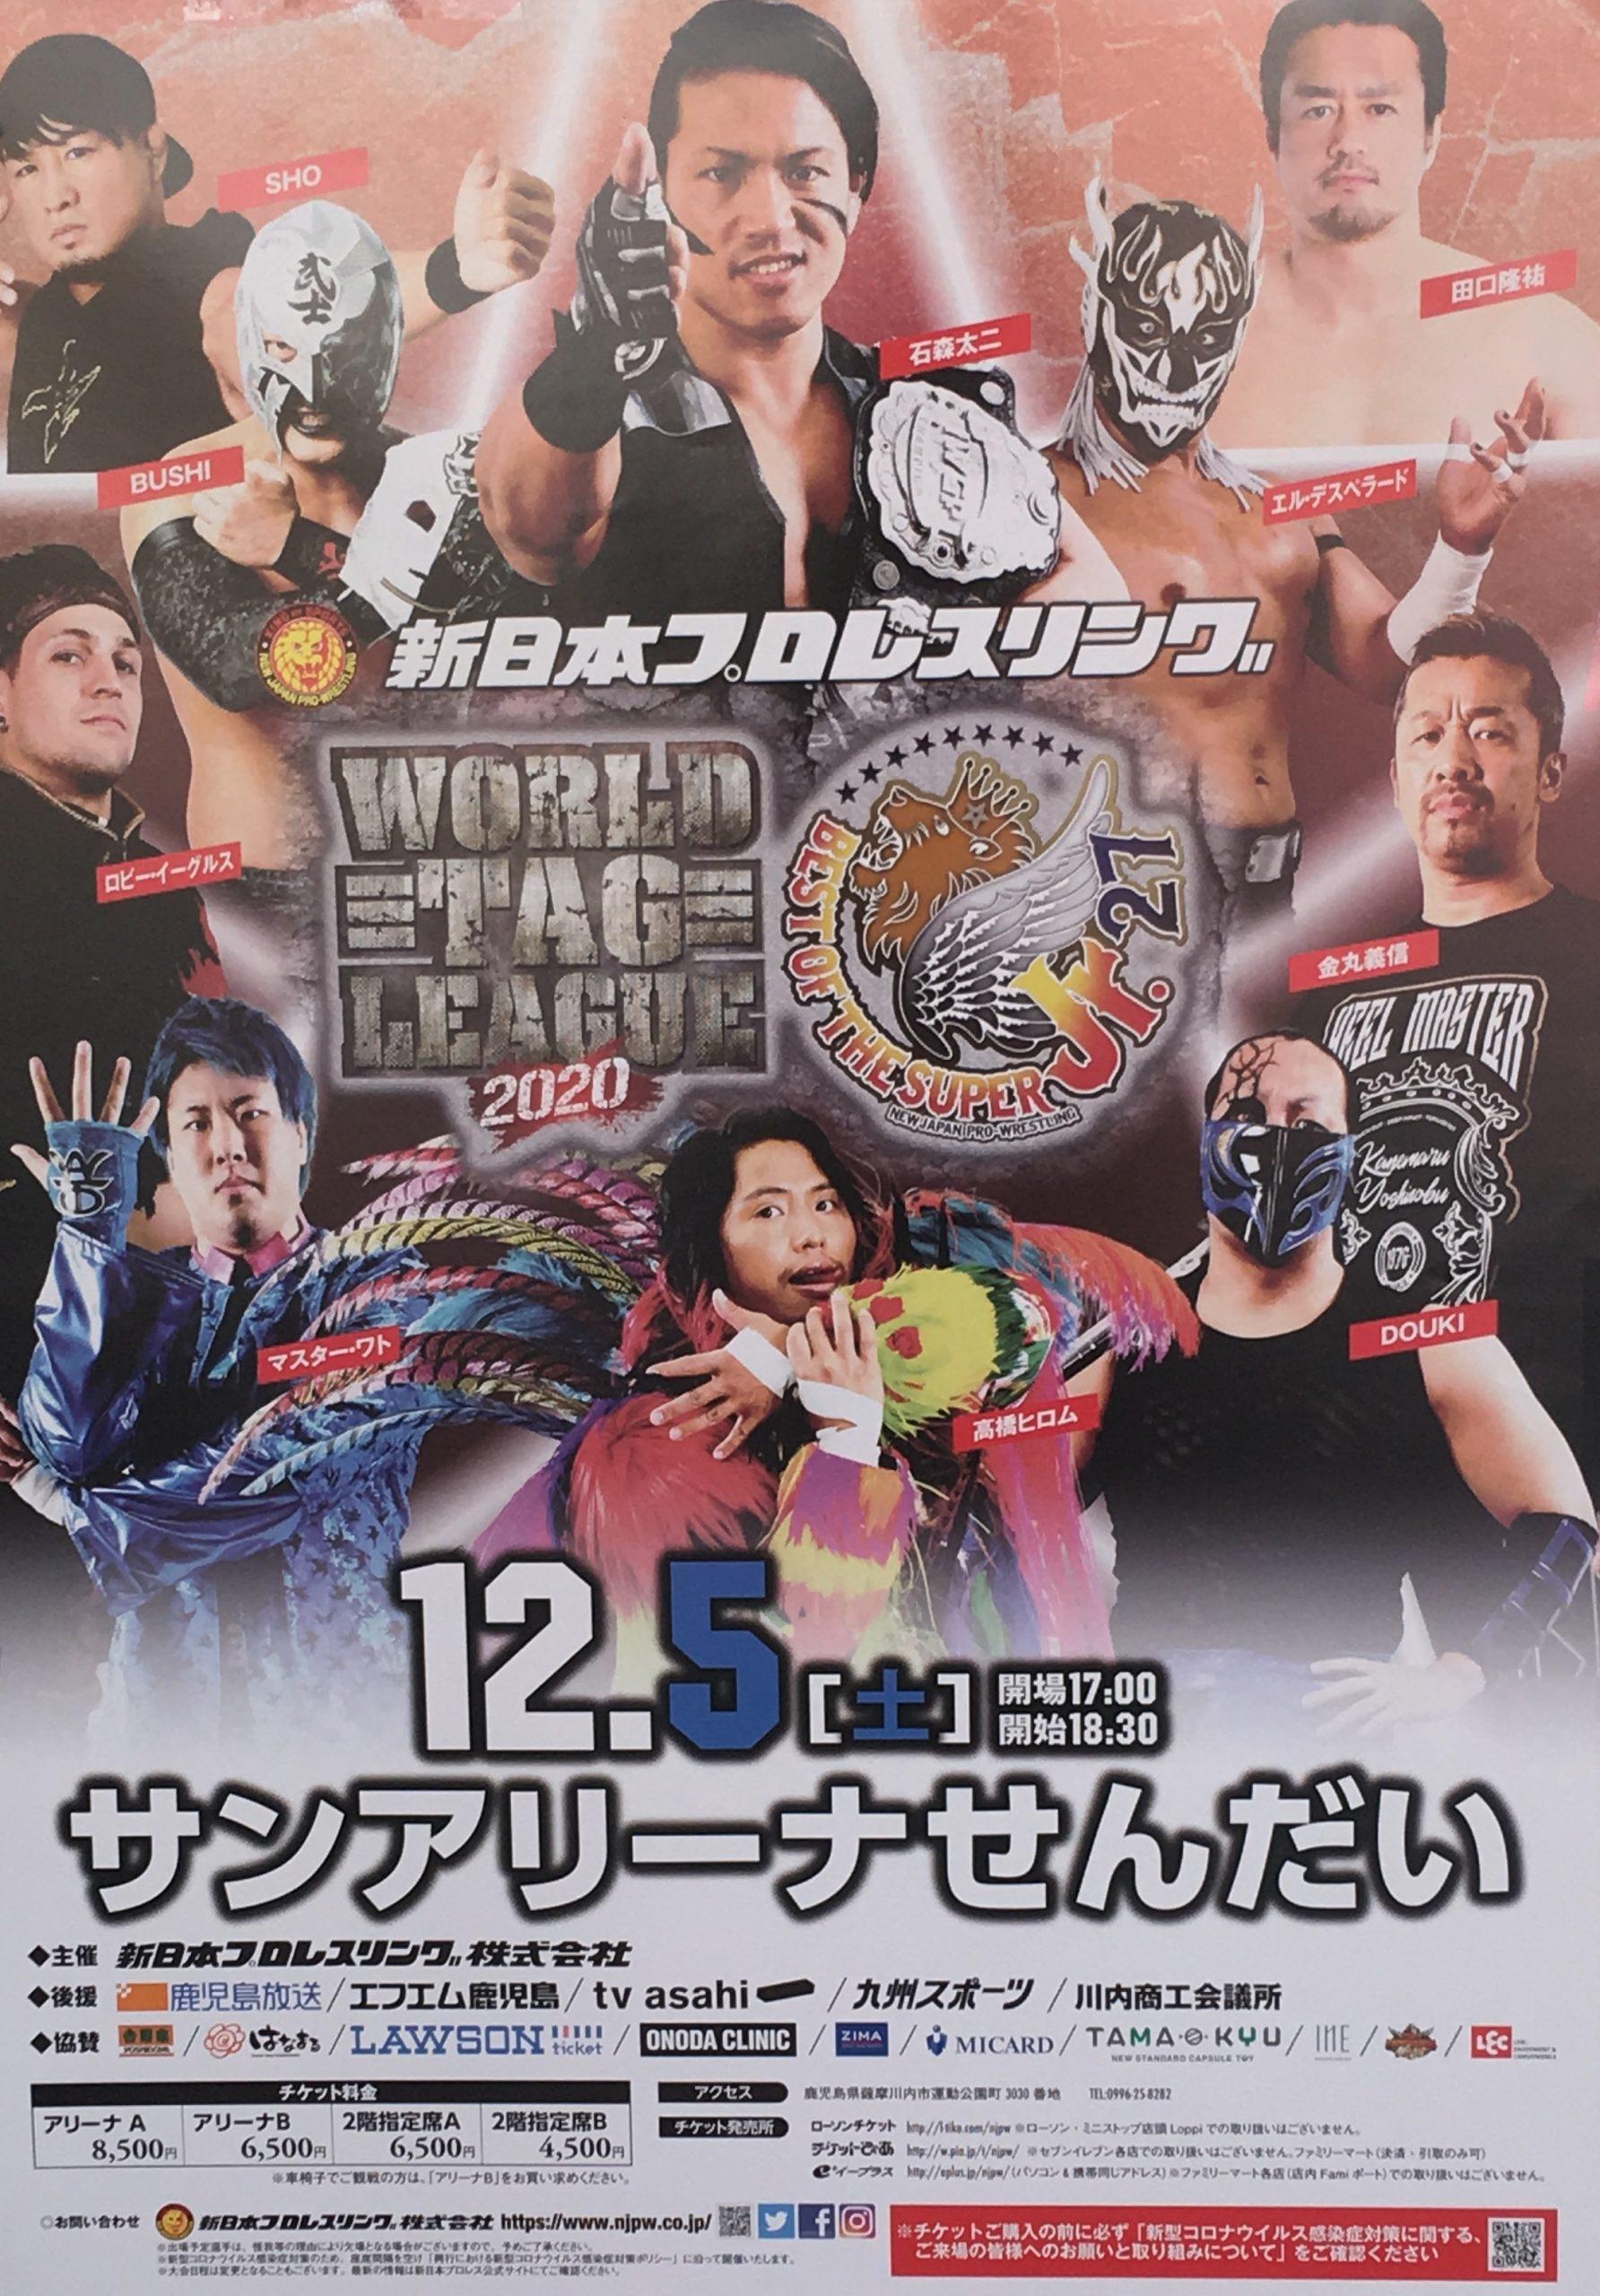 新日本プロレス薩摩川内大会 「BEST OF SUPER Jr 27」